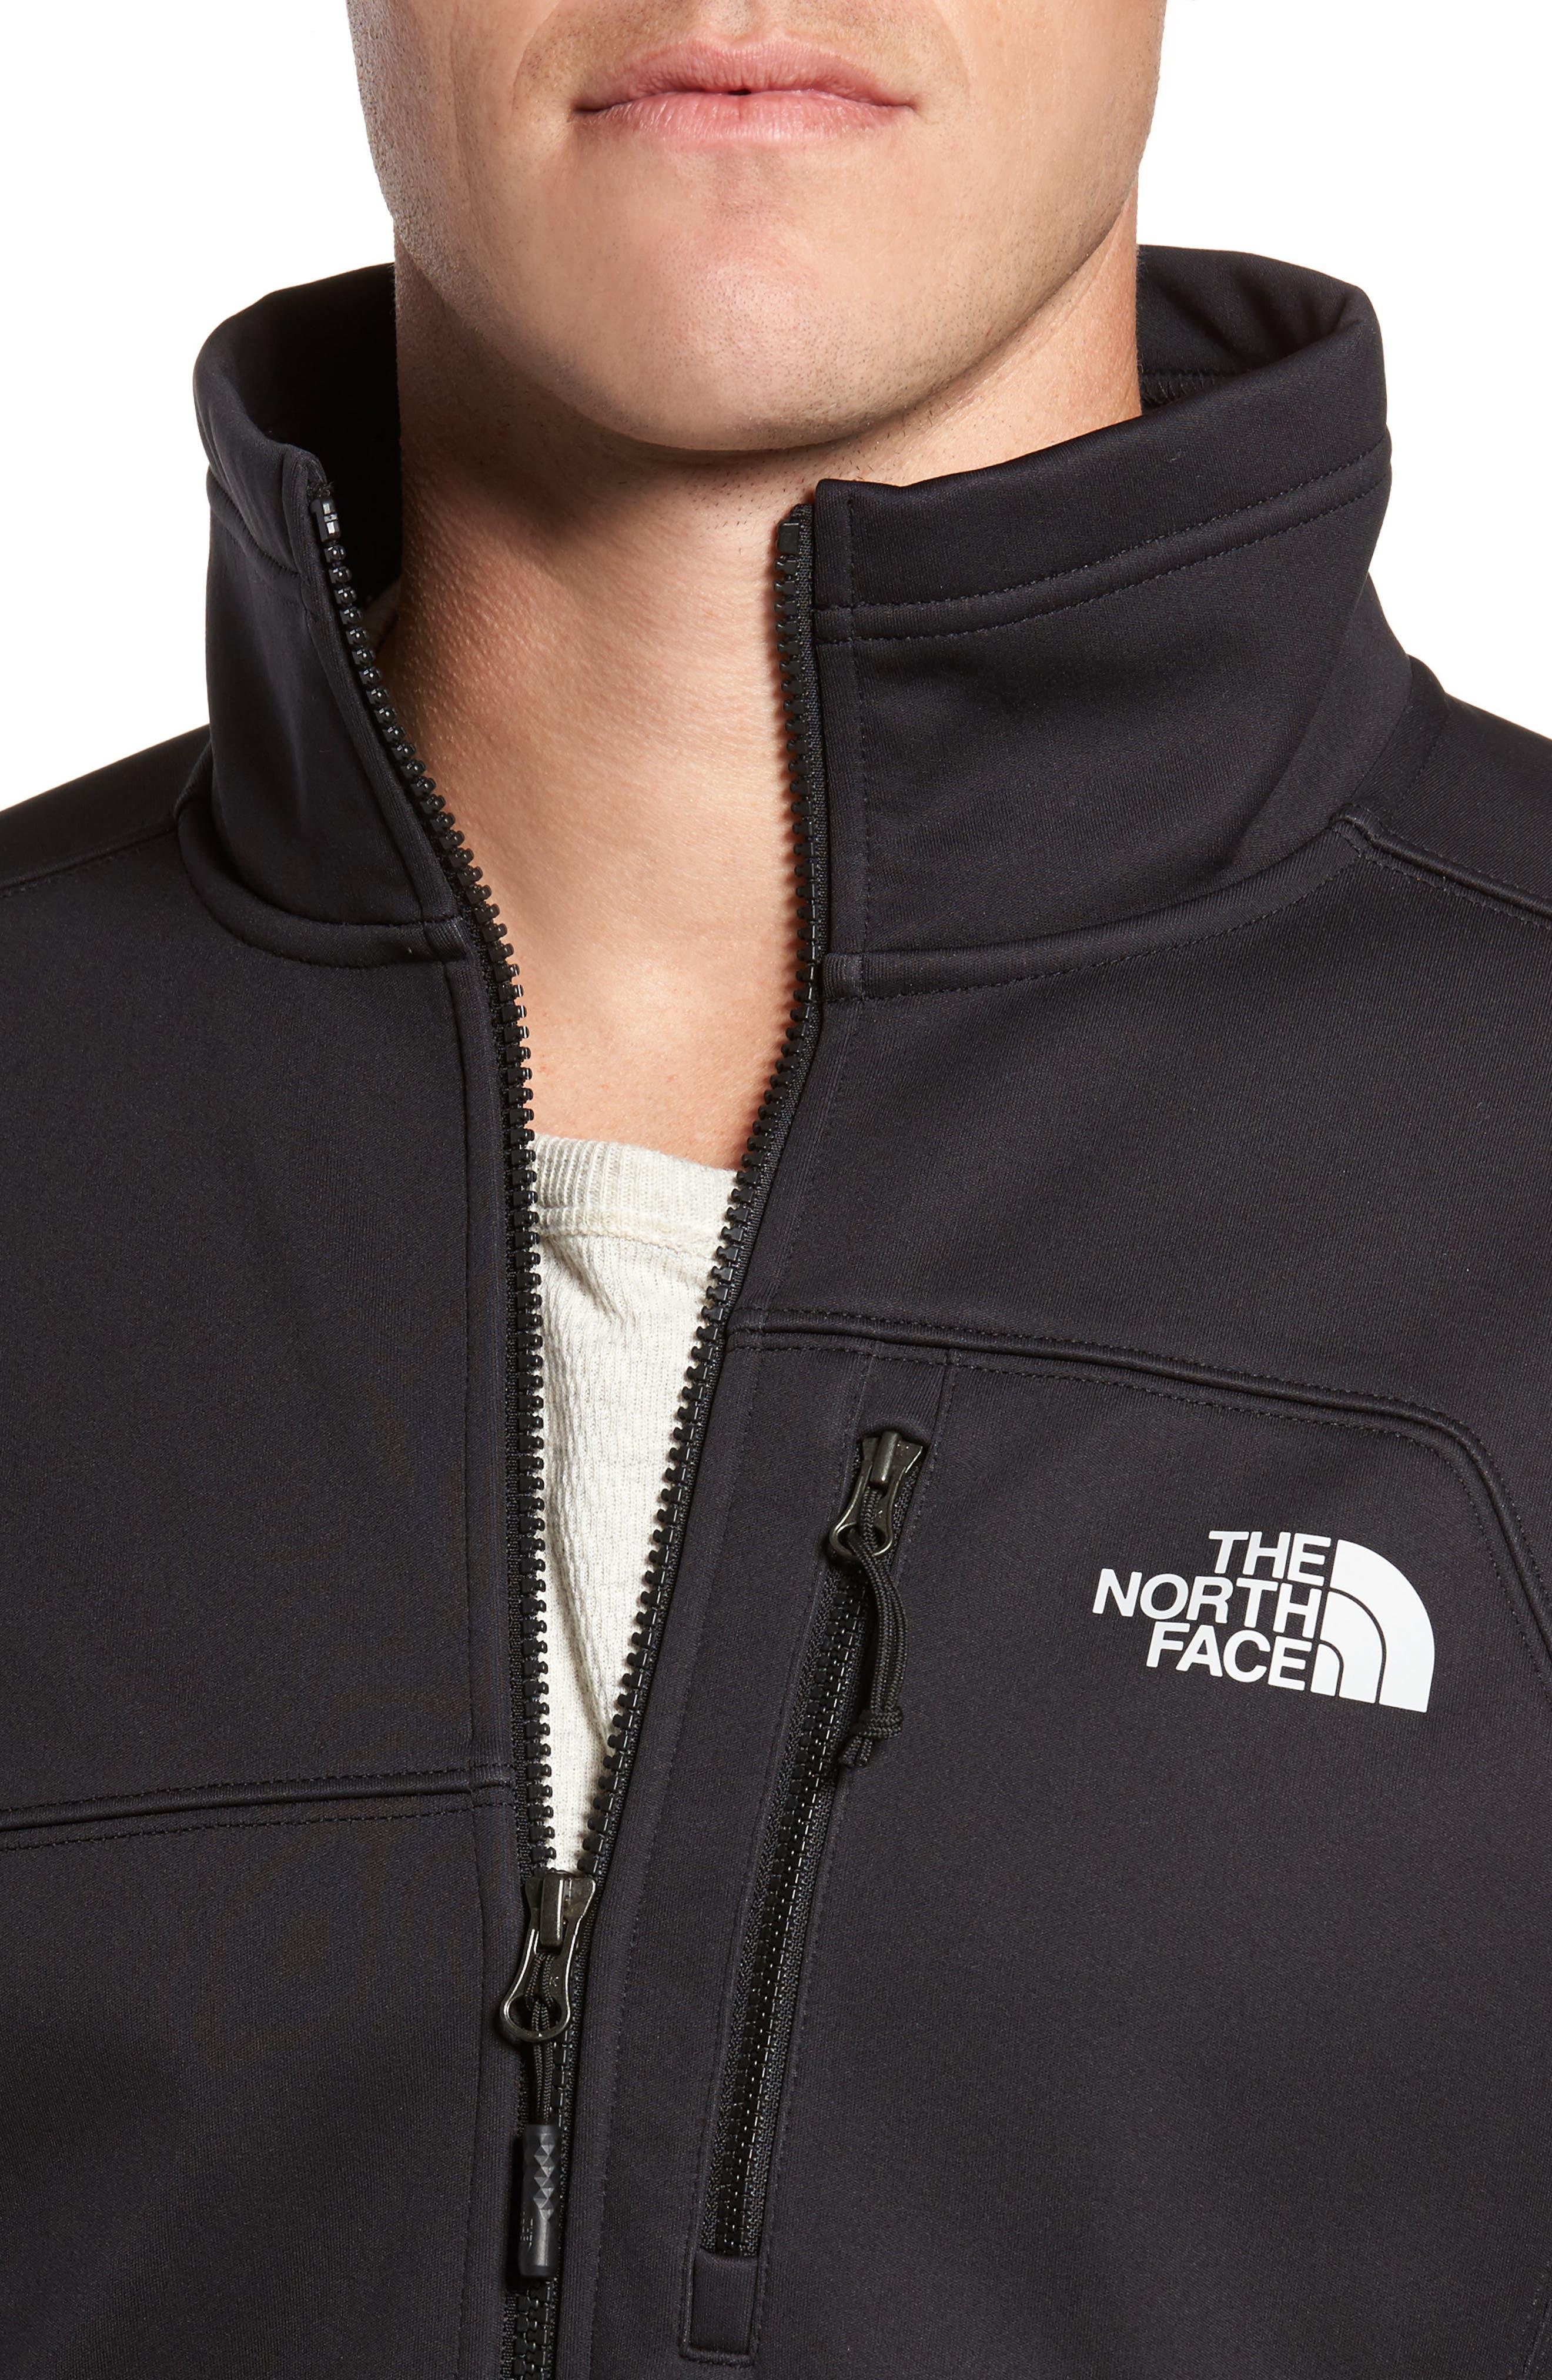 THE NORTH FACE, Apex Risor Jacket, Alternate thumbnail 4, color, BLACK/ BLACK